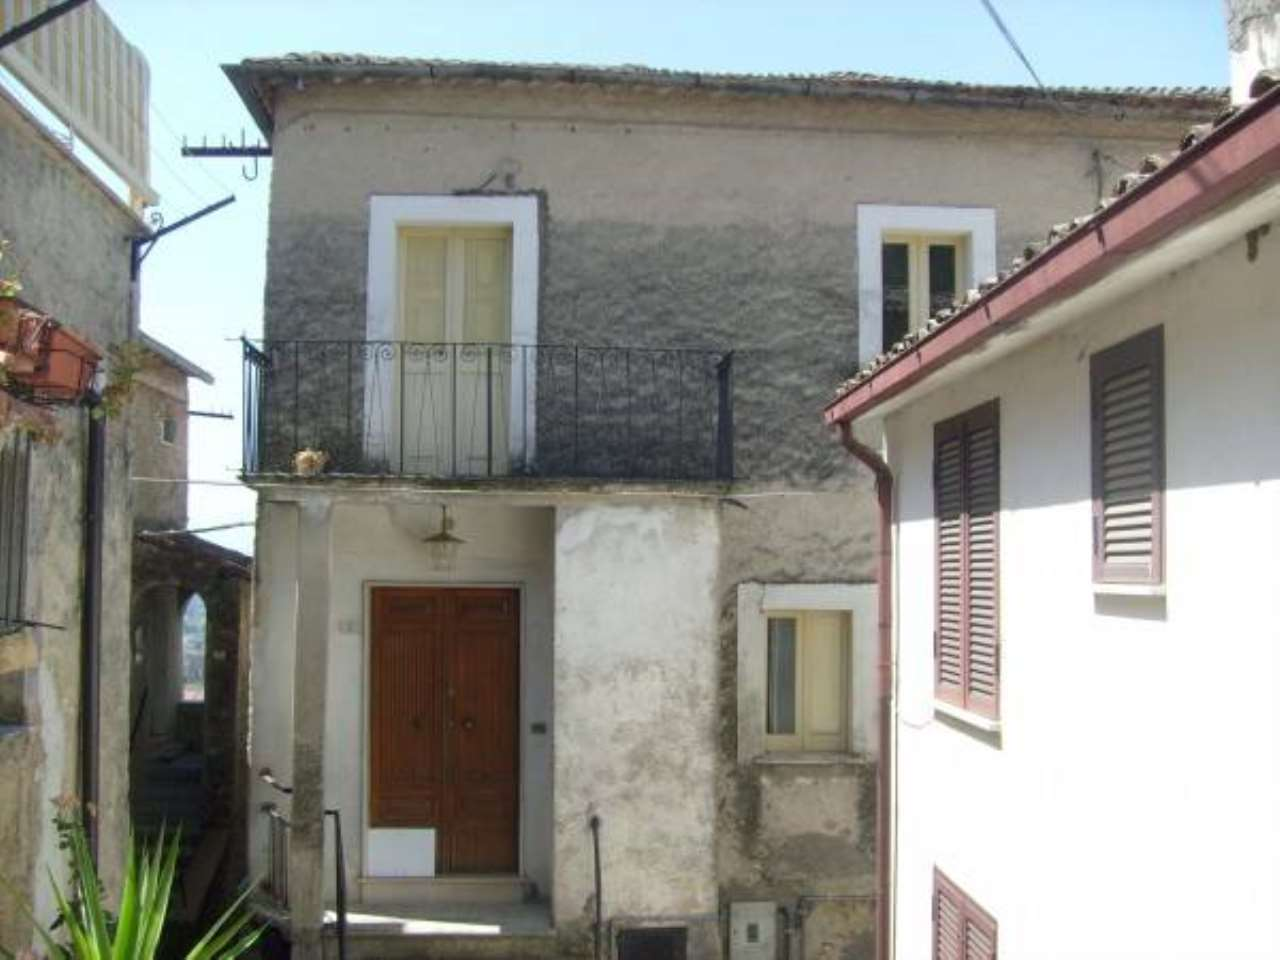 Soluzione Indipendente in vendita a Colfelice, 6 locali, prezzo € 34.000 | CambioCasa.it